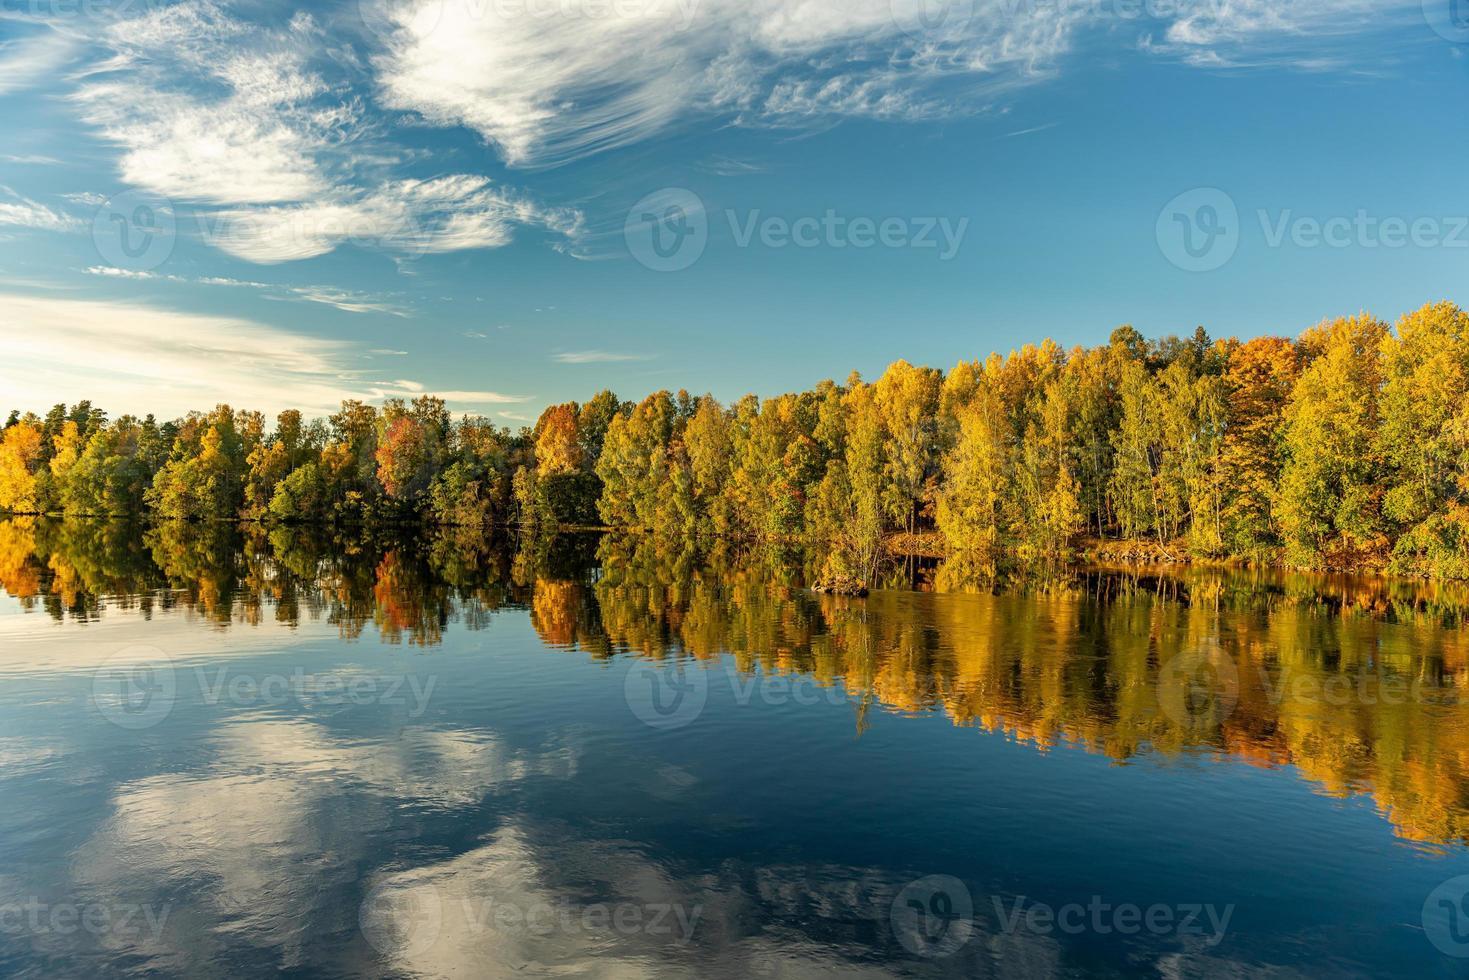 alberi colorati autunnali lungo una riva del fiume in svezia foto